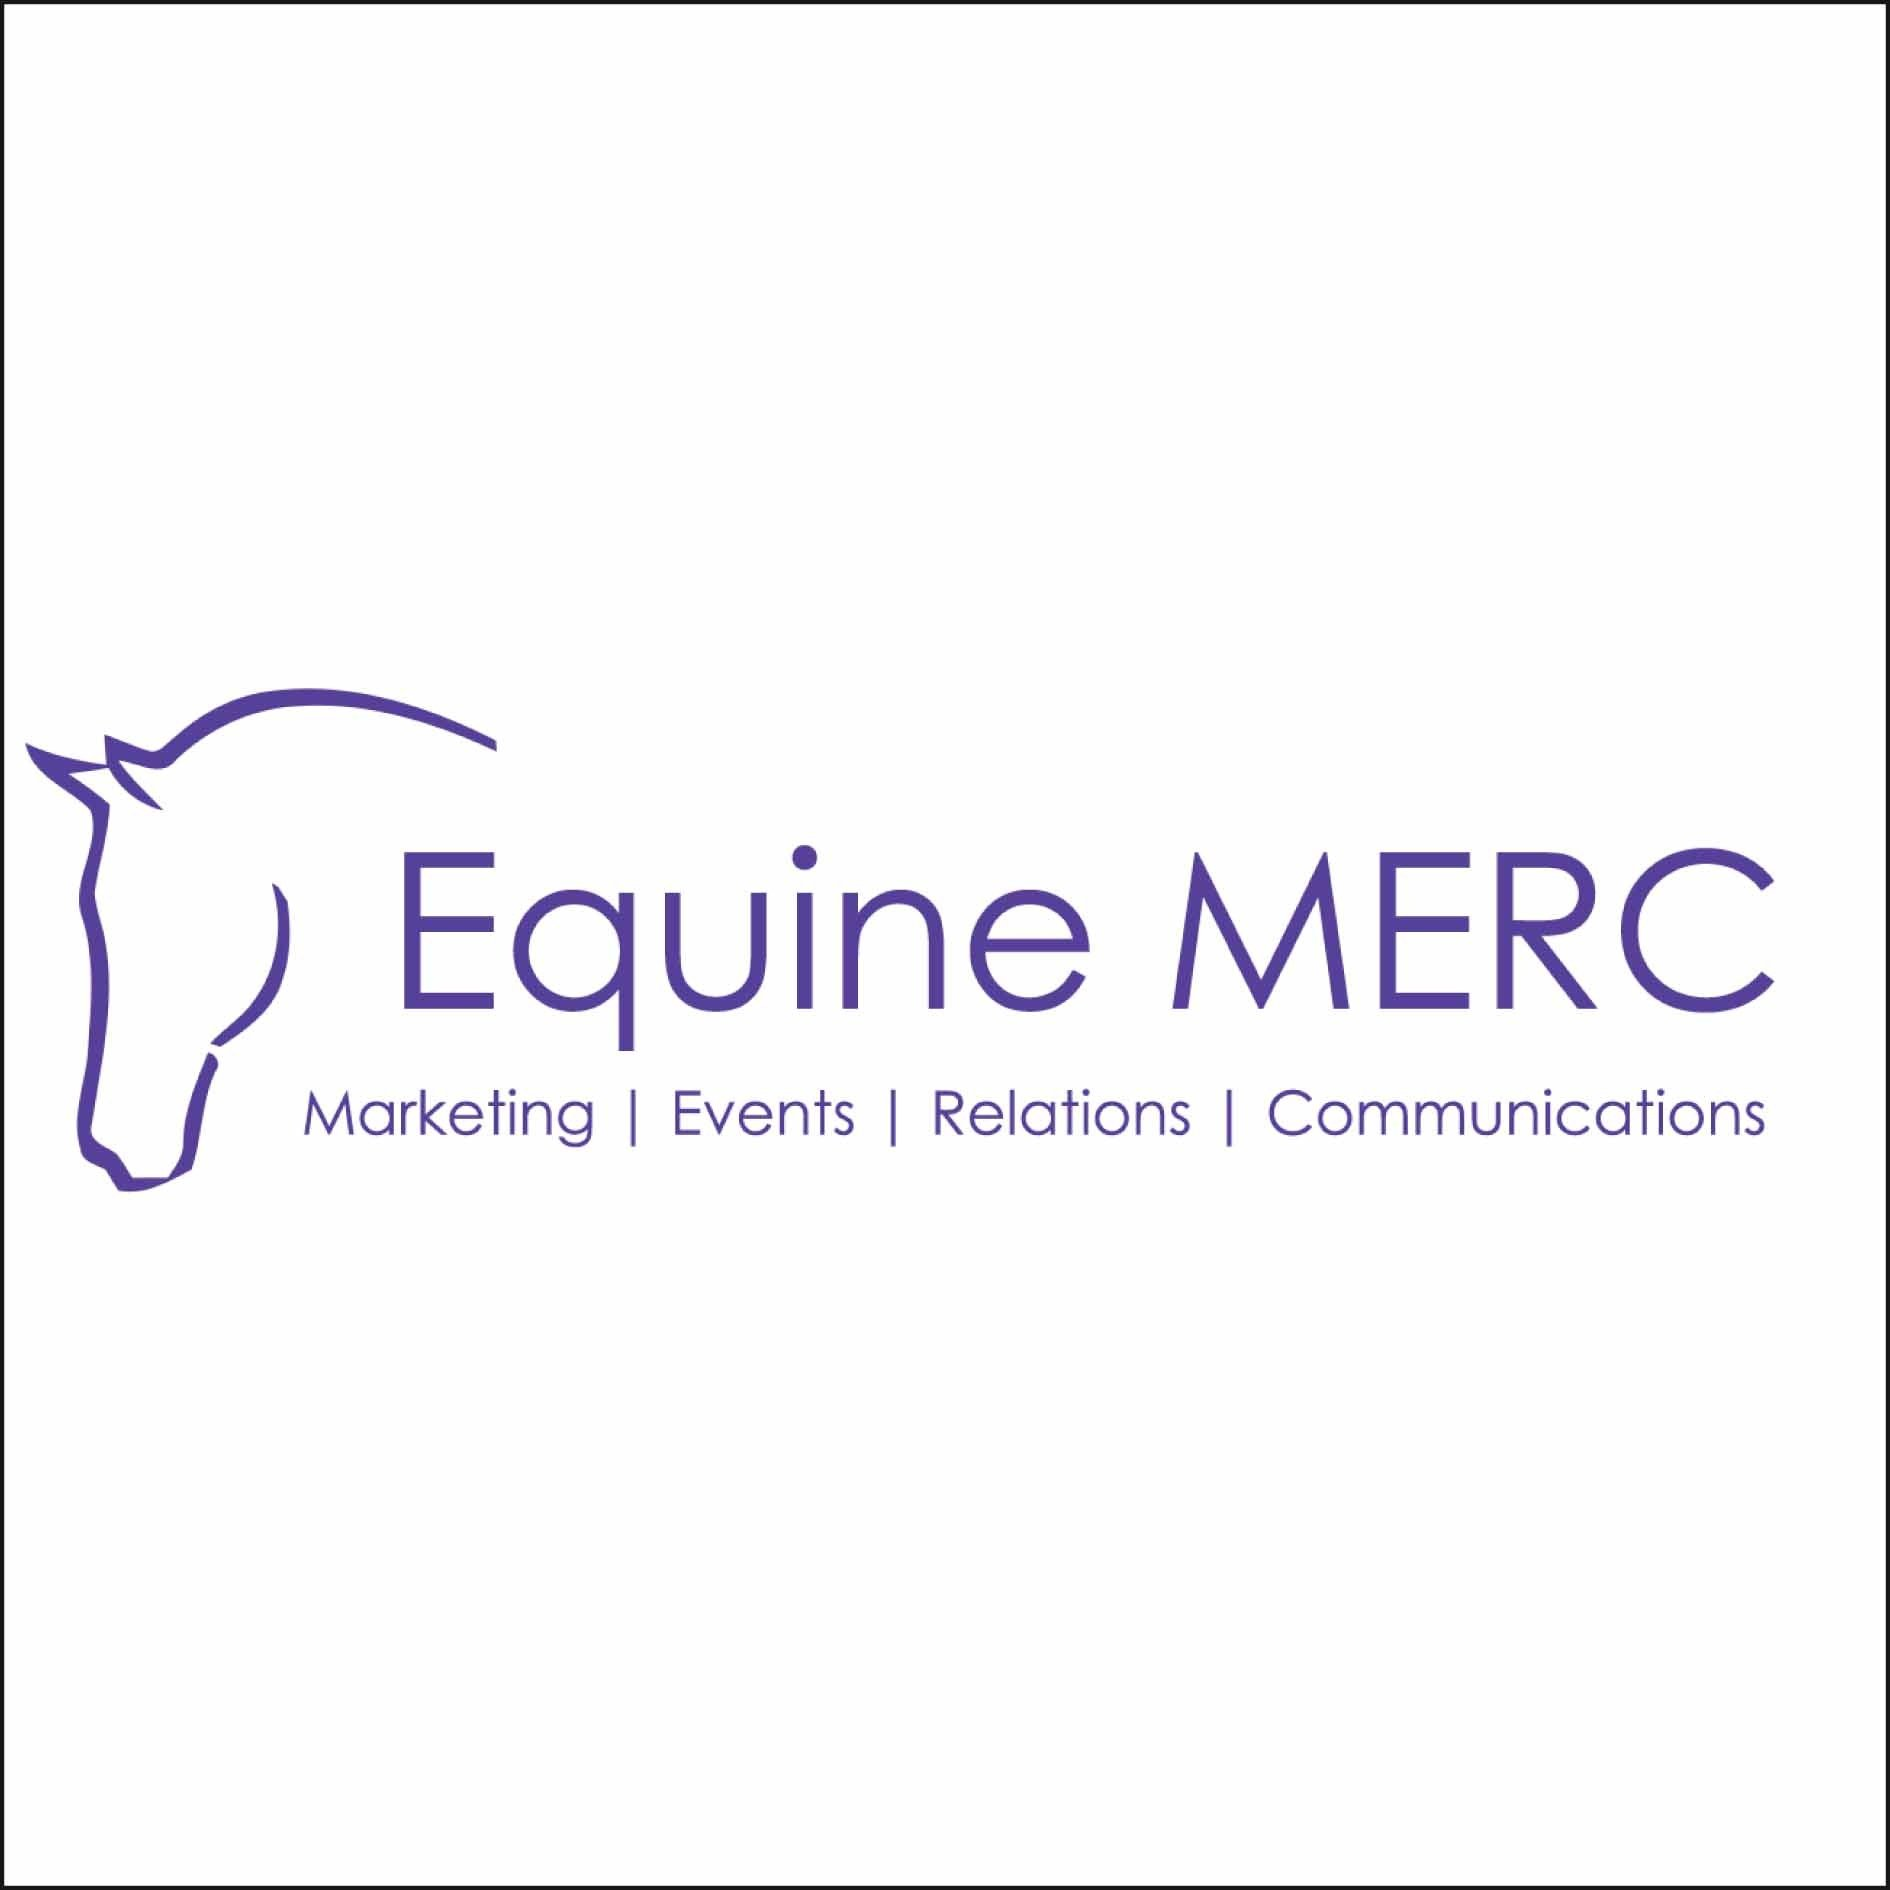 @EquineMERC